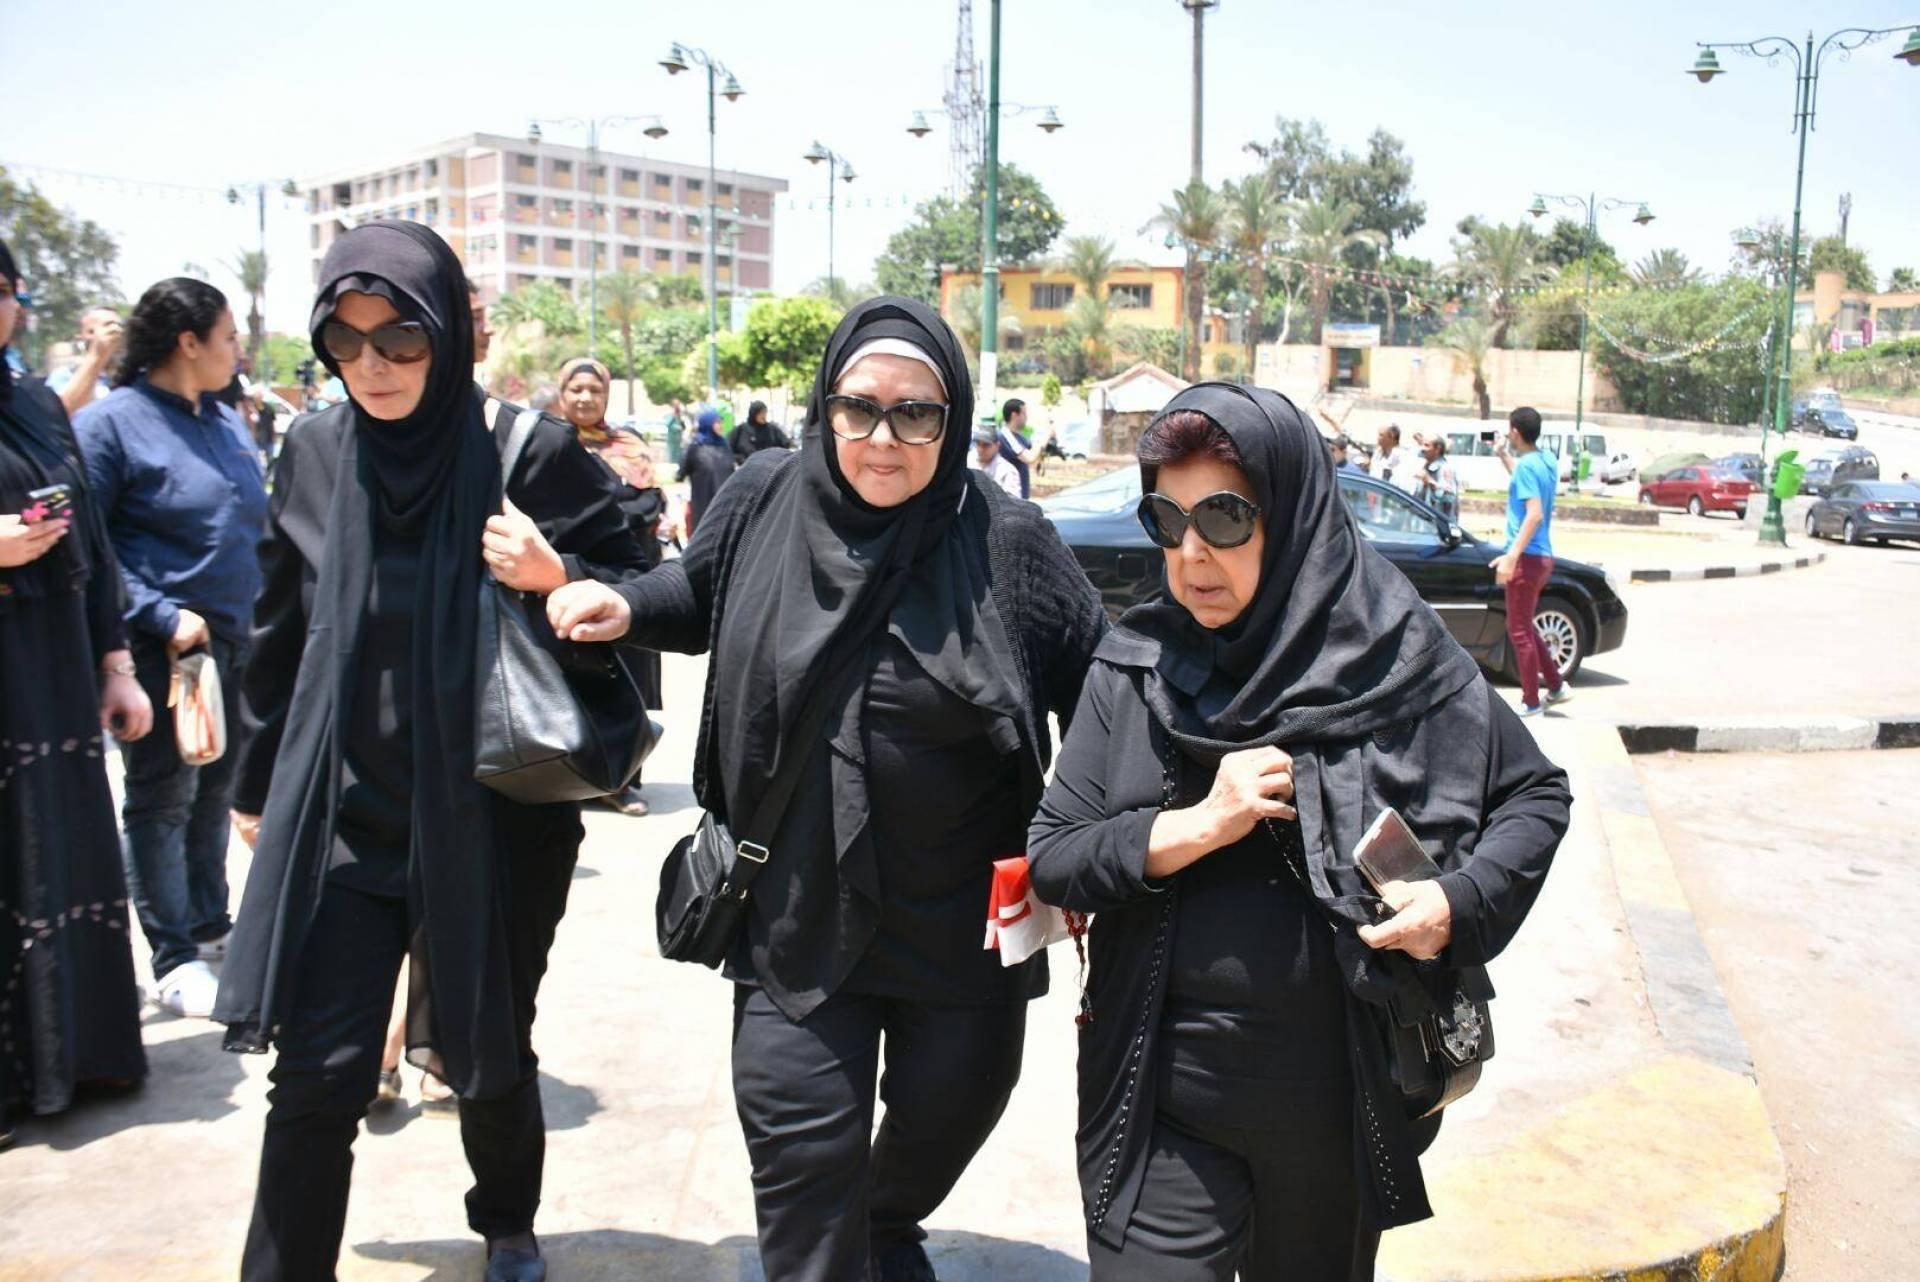 الفنانون المصريون يشيعون جنازة مديحة يسري.. وانهيار زميلاتها الممثلات